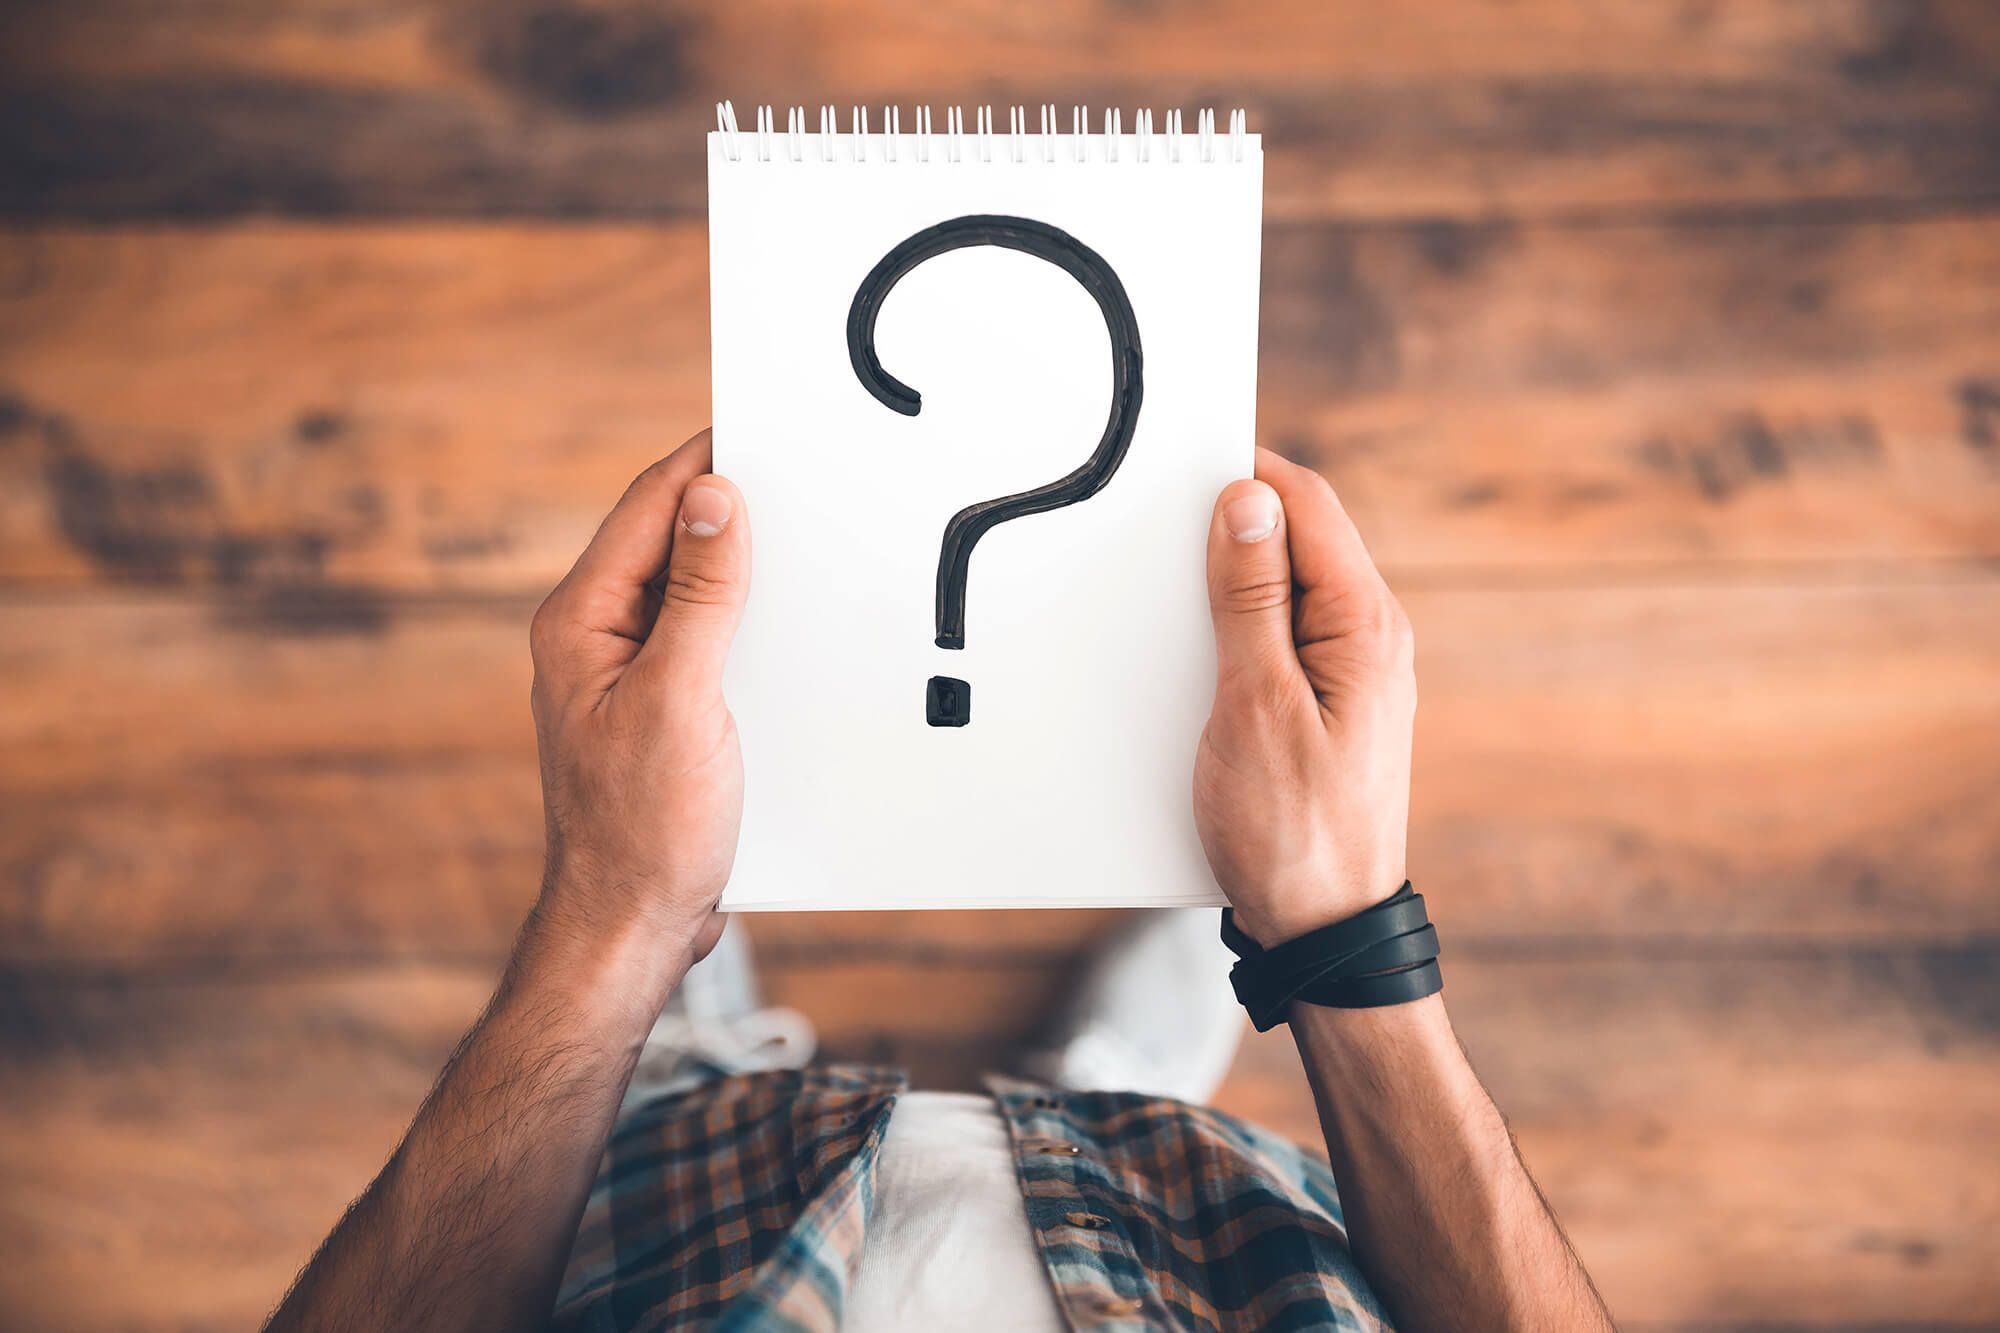 Heizung kaufen oder mieten? Was ist langfristig sinnvoller?